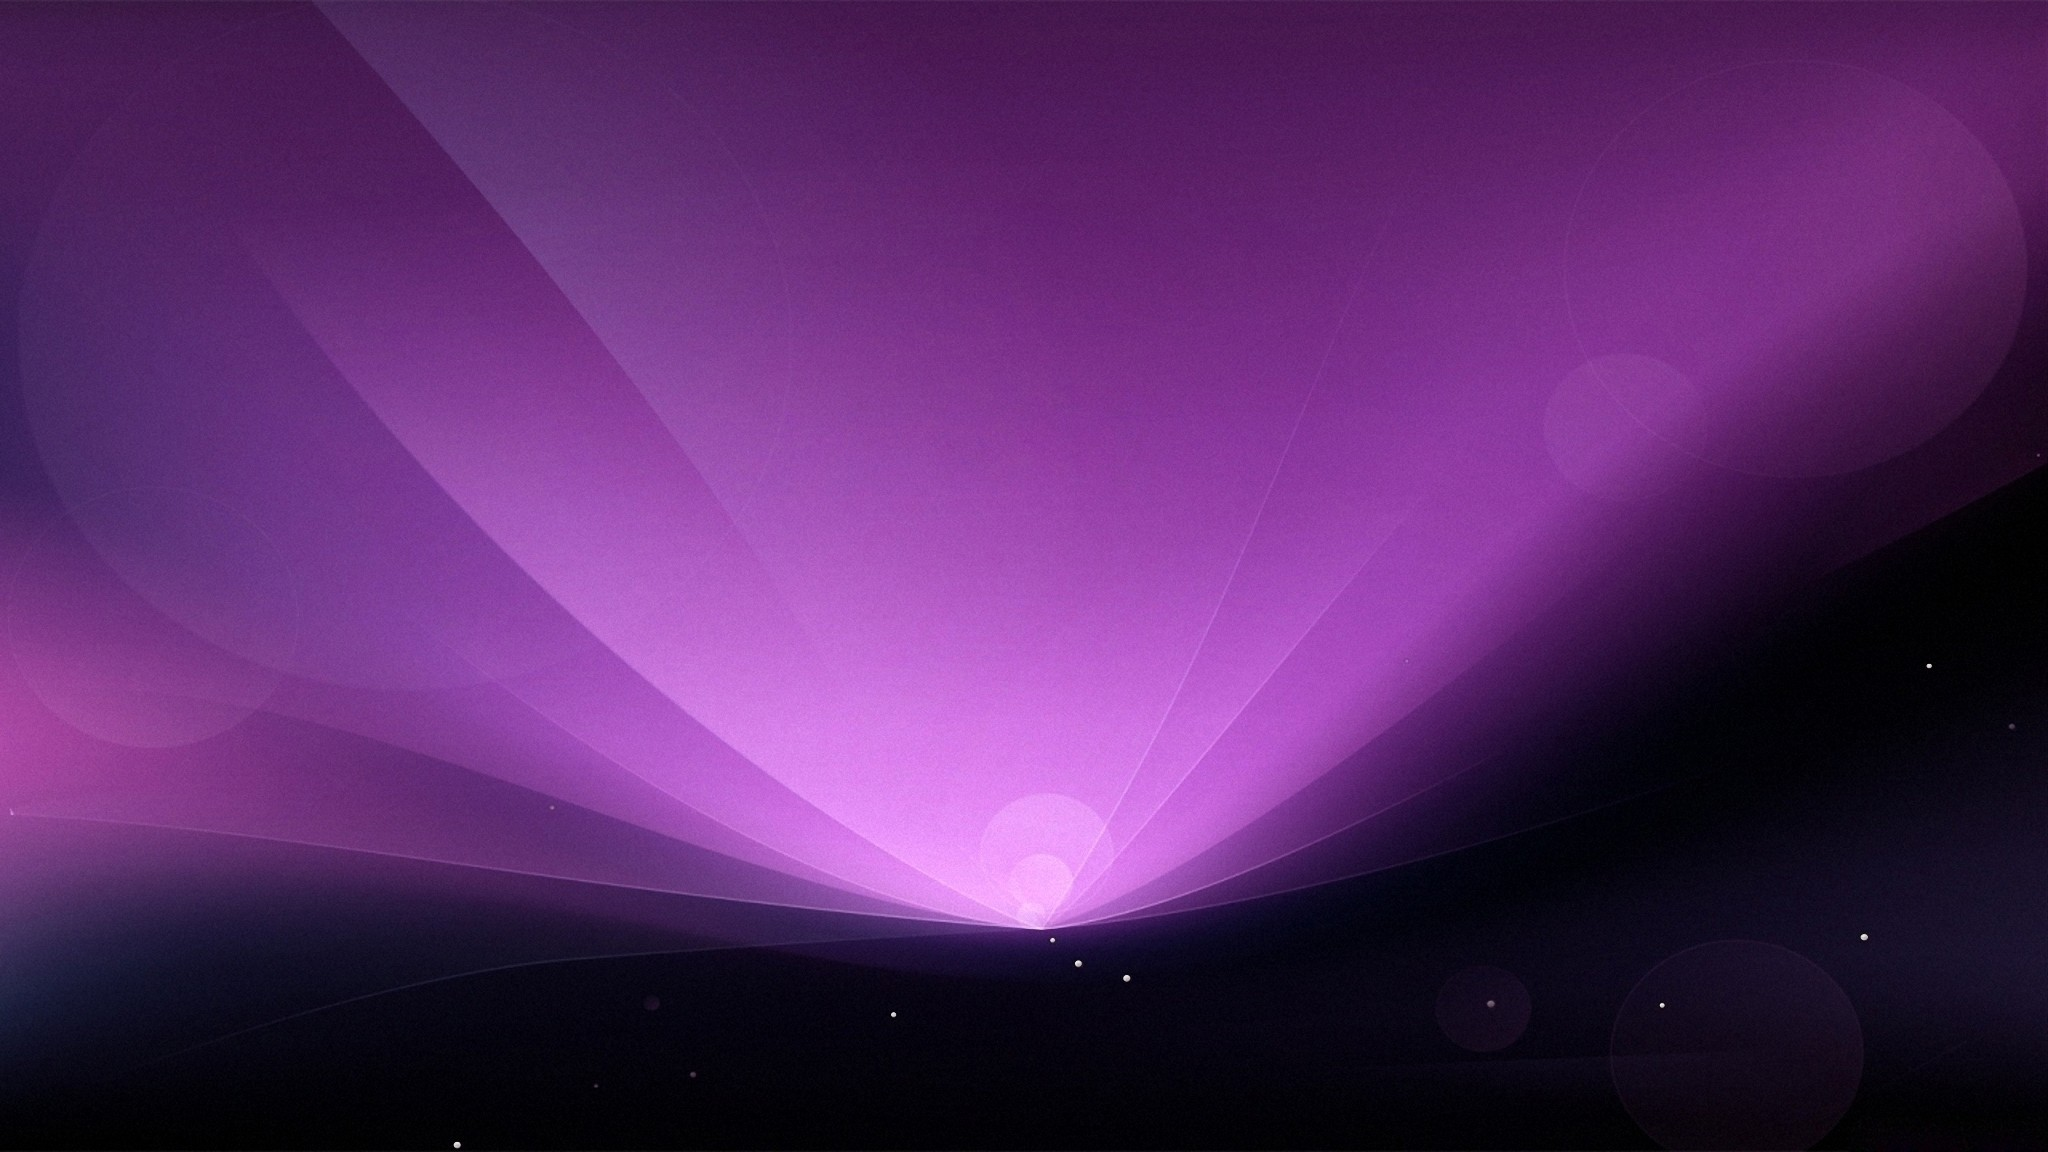 apple mac os x mavericks hd desktop wallpaper widescreen review